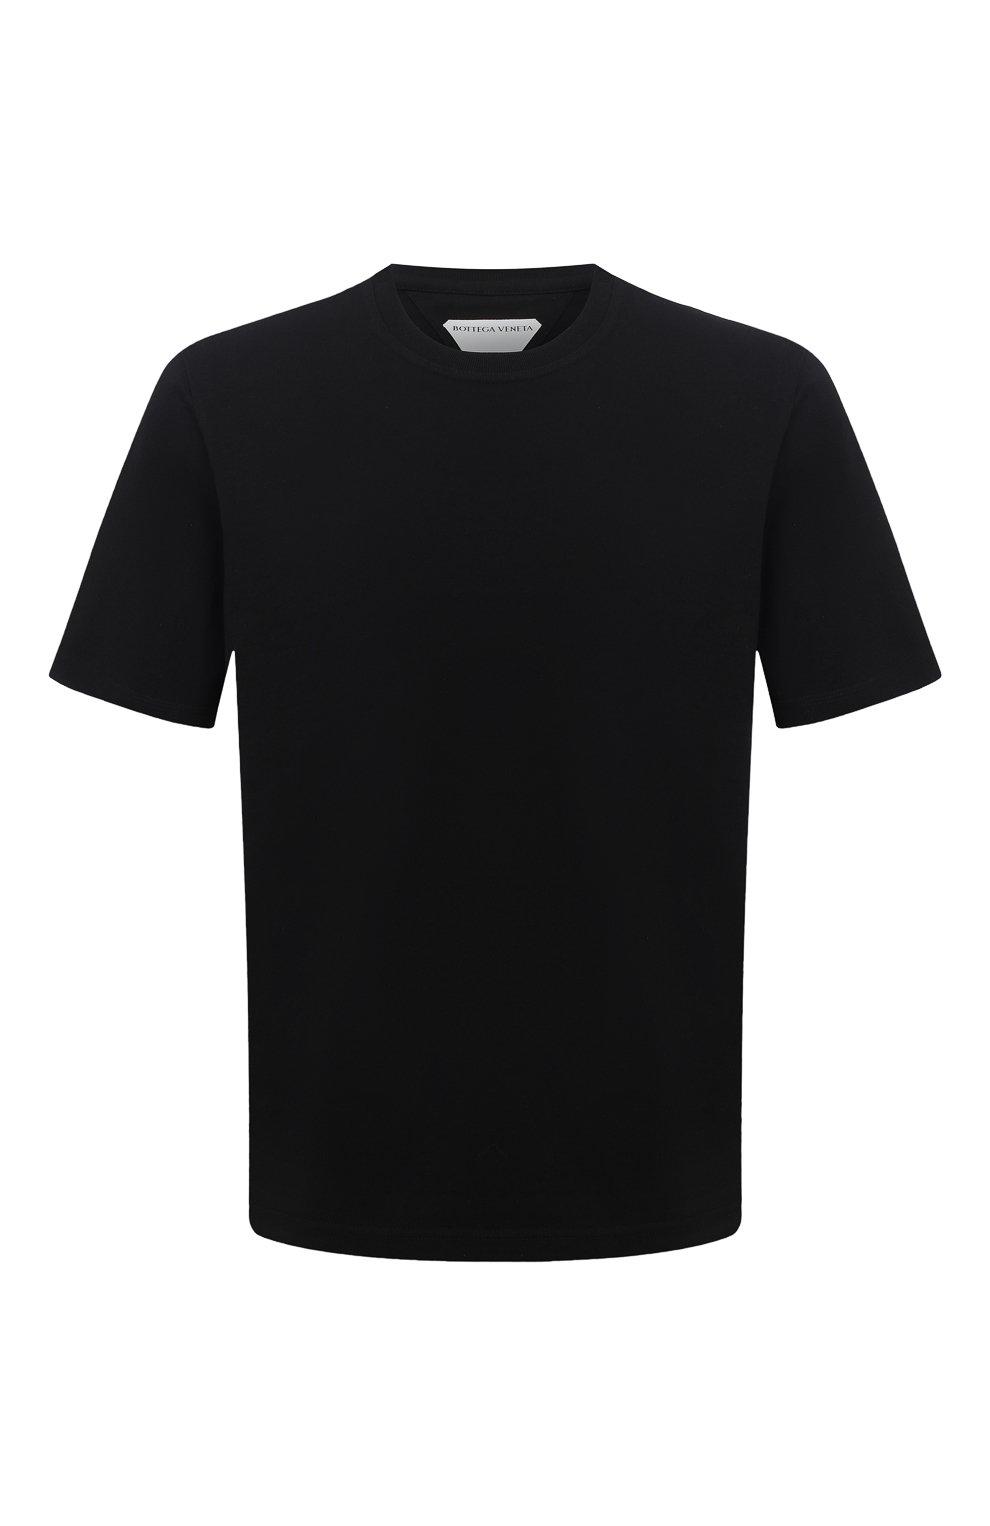 Мужская хлопковая футболка BOTTEGA VENETA черного цвета, арт. 649055/VF1U0 | Фото 1 (Принт: Без принта; Рукава: Короткие; Длина (для топов): Стандартные; Материал внешний: Хлопок; Стили: Минимализм)